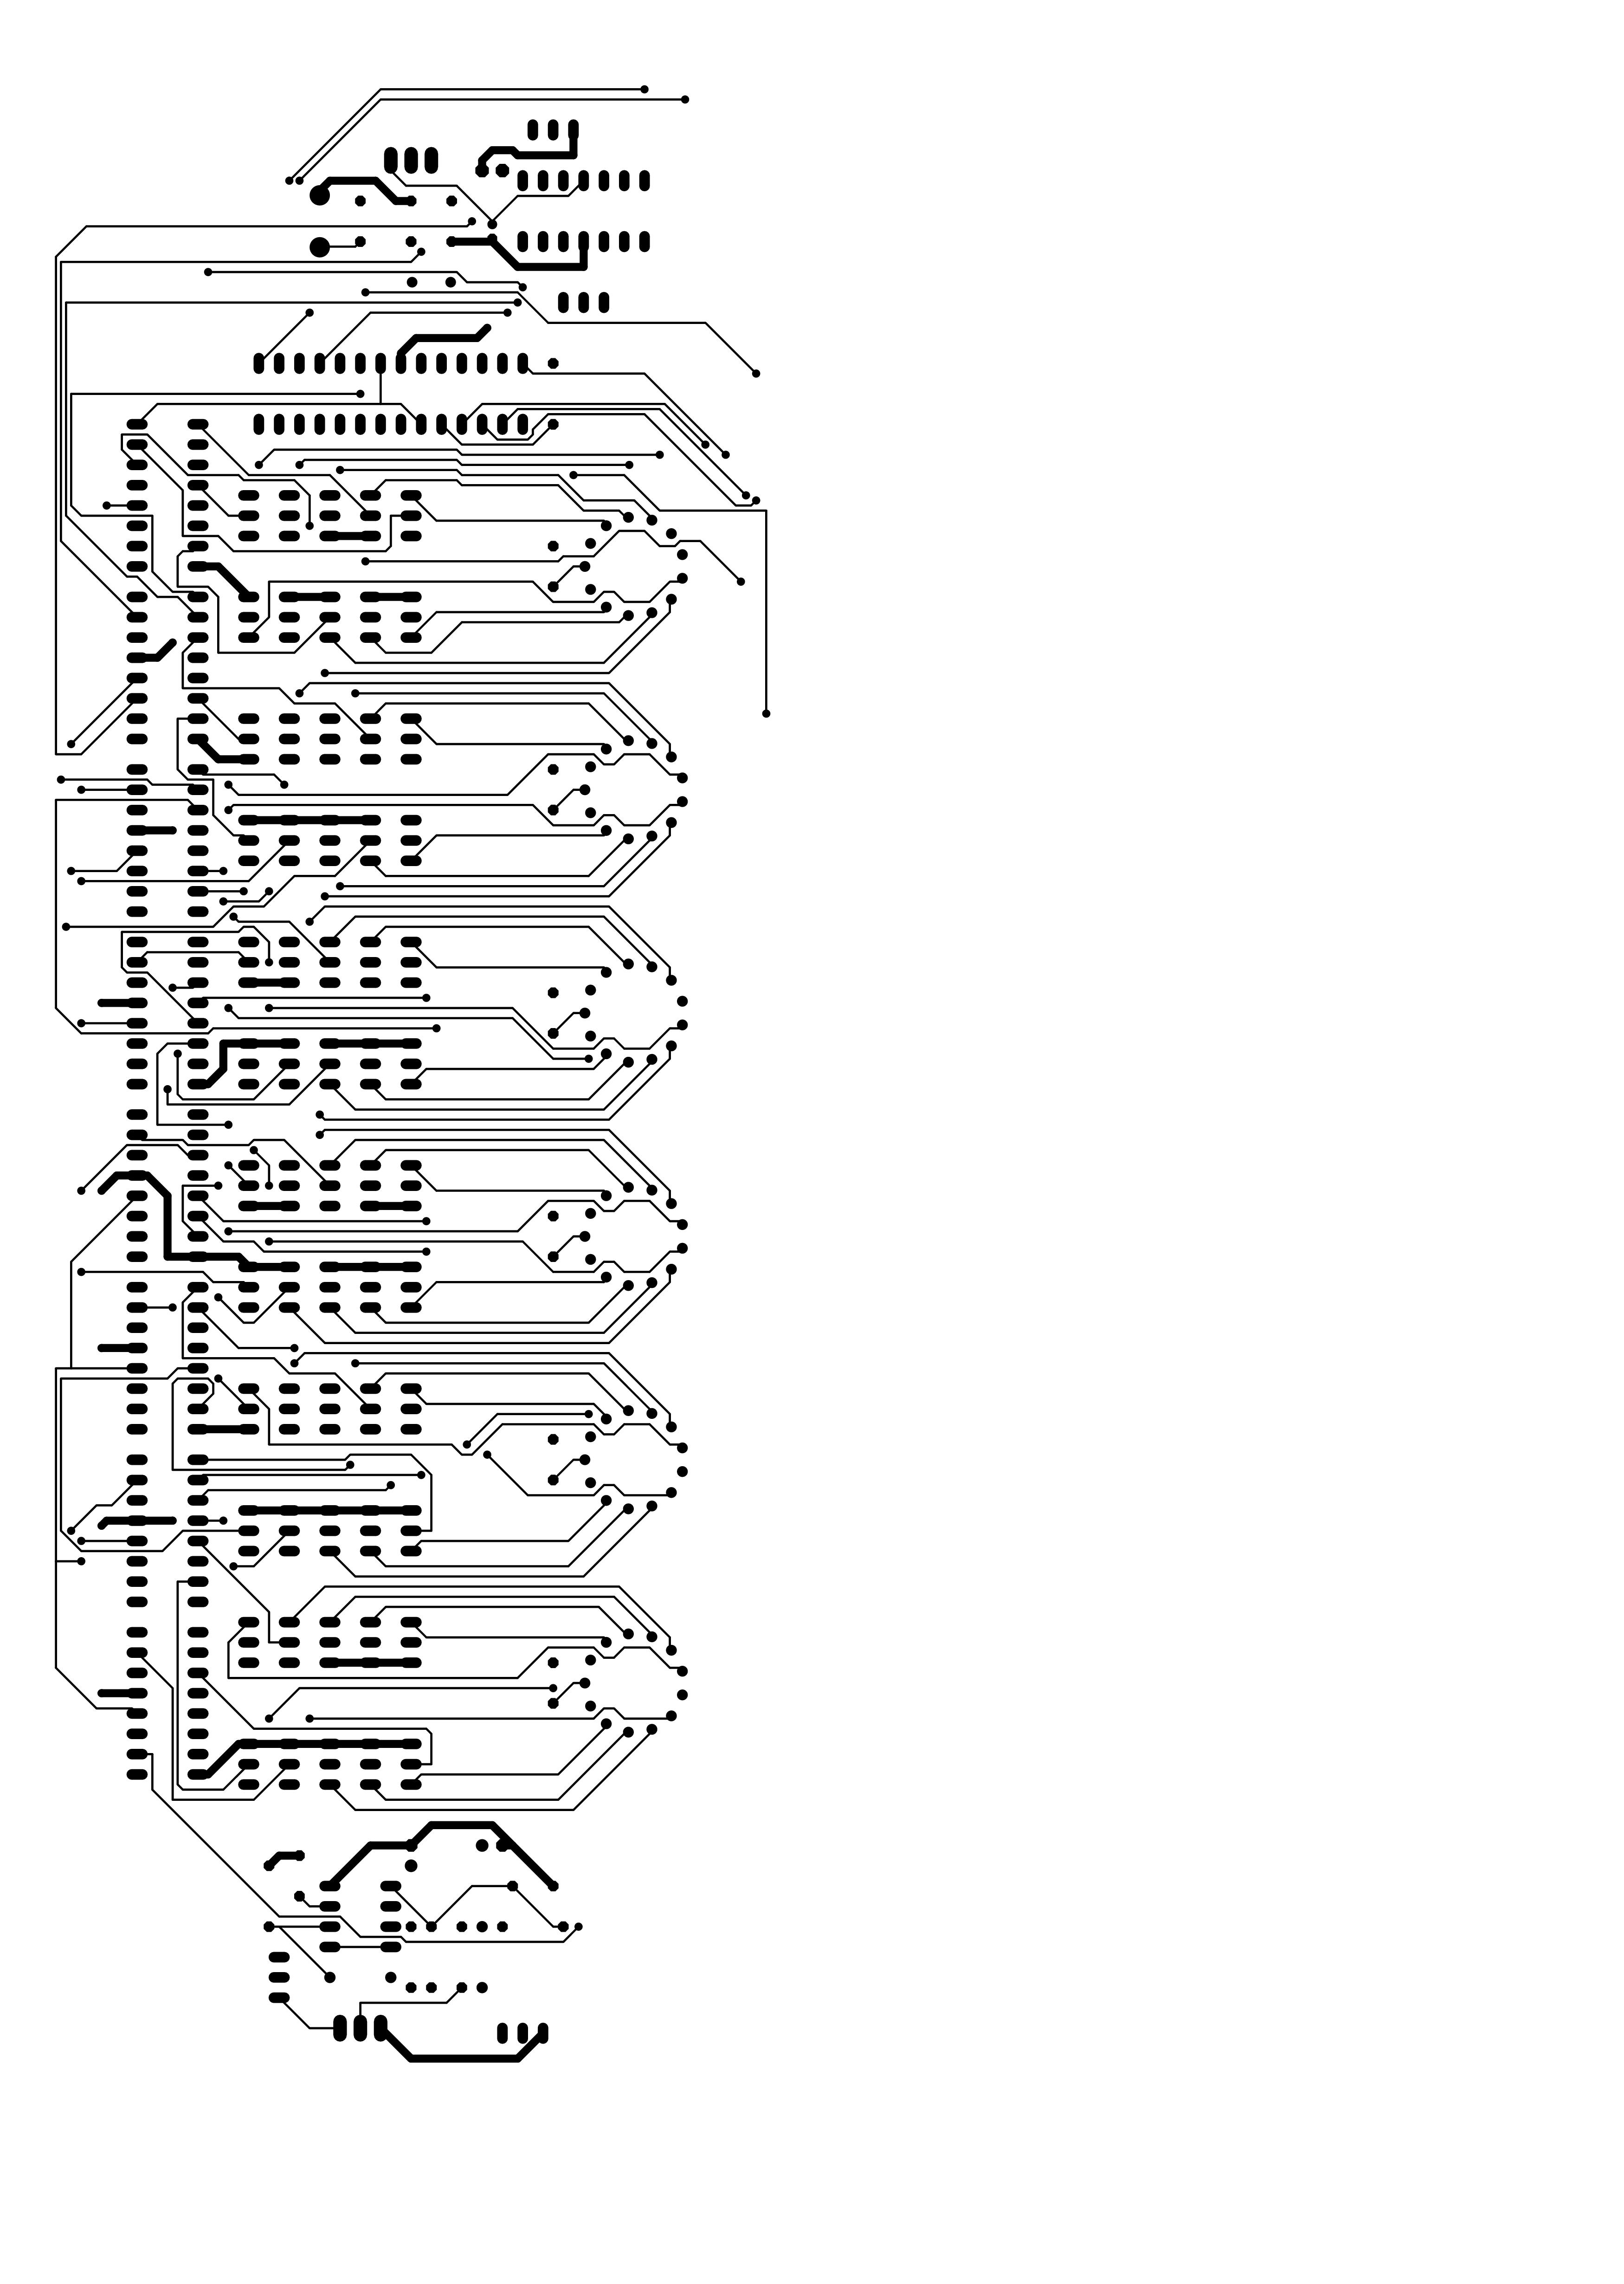 Fantastisch Uhr 1500 Schaltplan Bilder - Der Schaltplan - greigo.com